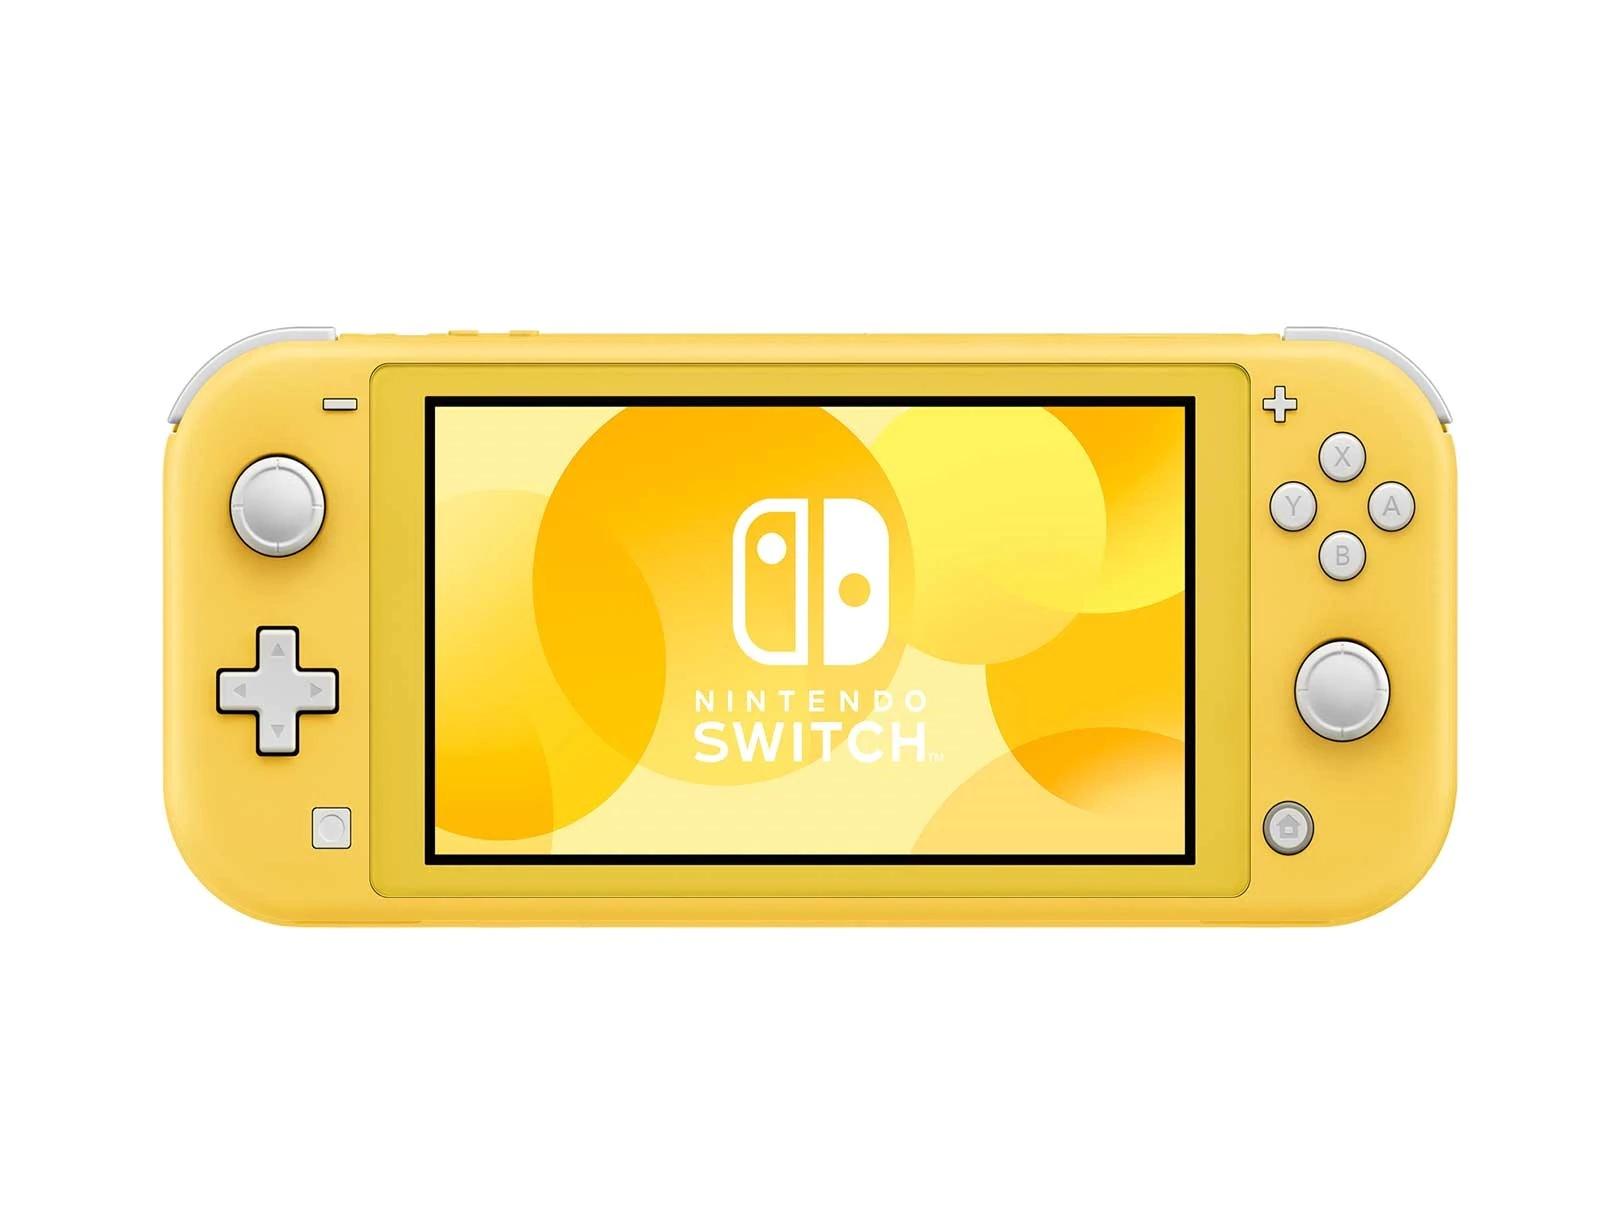 Liverpool en línea: Nintendo Switch Lite 32 GB (pagando con PayPal)